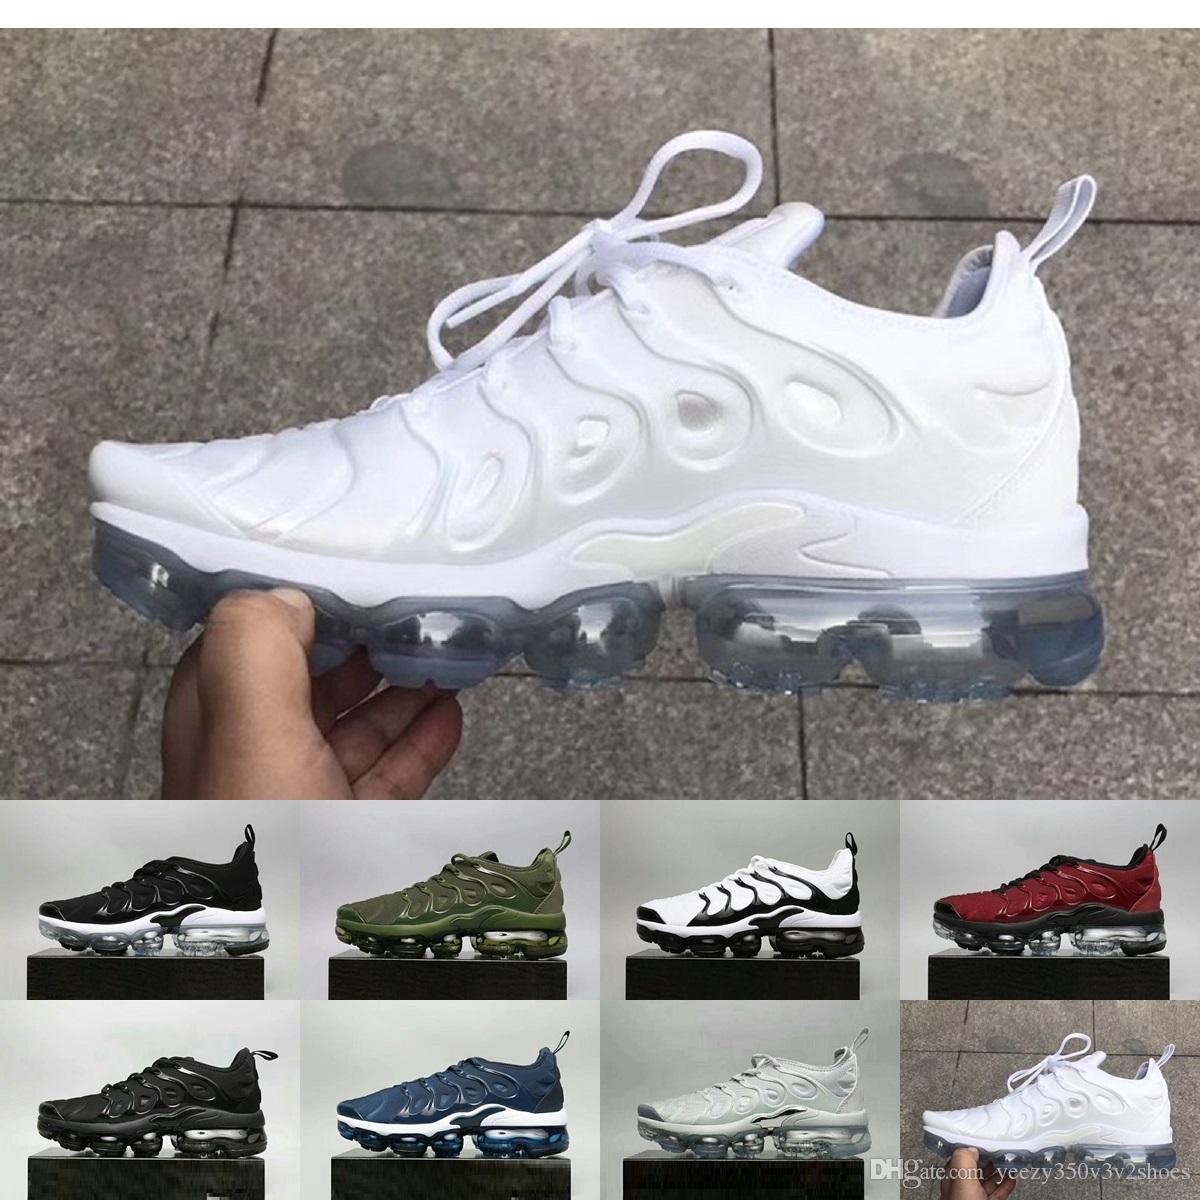 separation shoes c6888 91e89 Compre 90 95 97 270 Los Más Nuevos TN Plus Running Shoes 2018 Hombres Triple  Negro Oliva Metálico Blanco Plata Deporte Athletic Sneakers Senderismo  Jogging ...